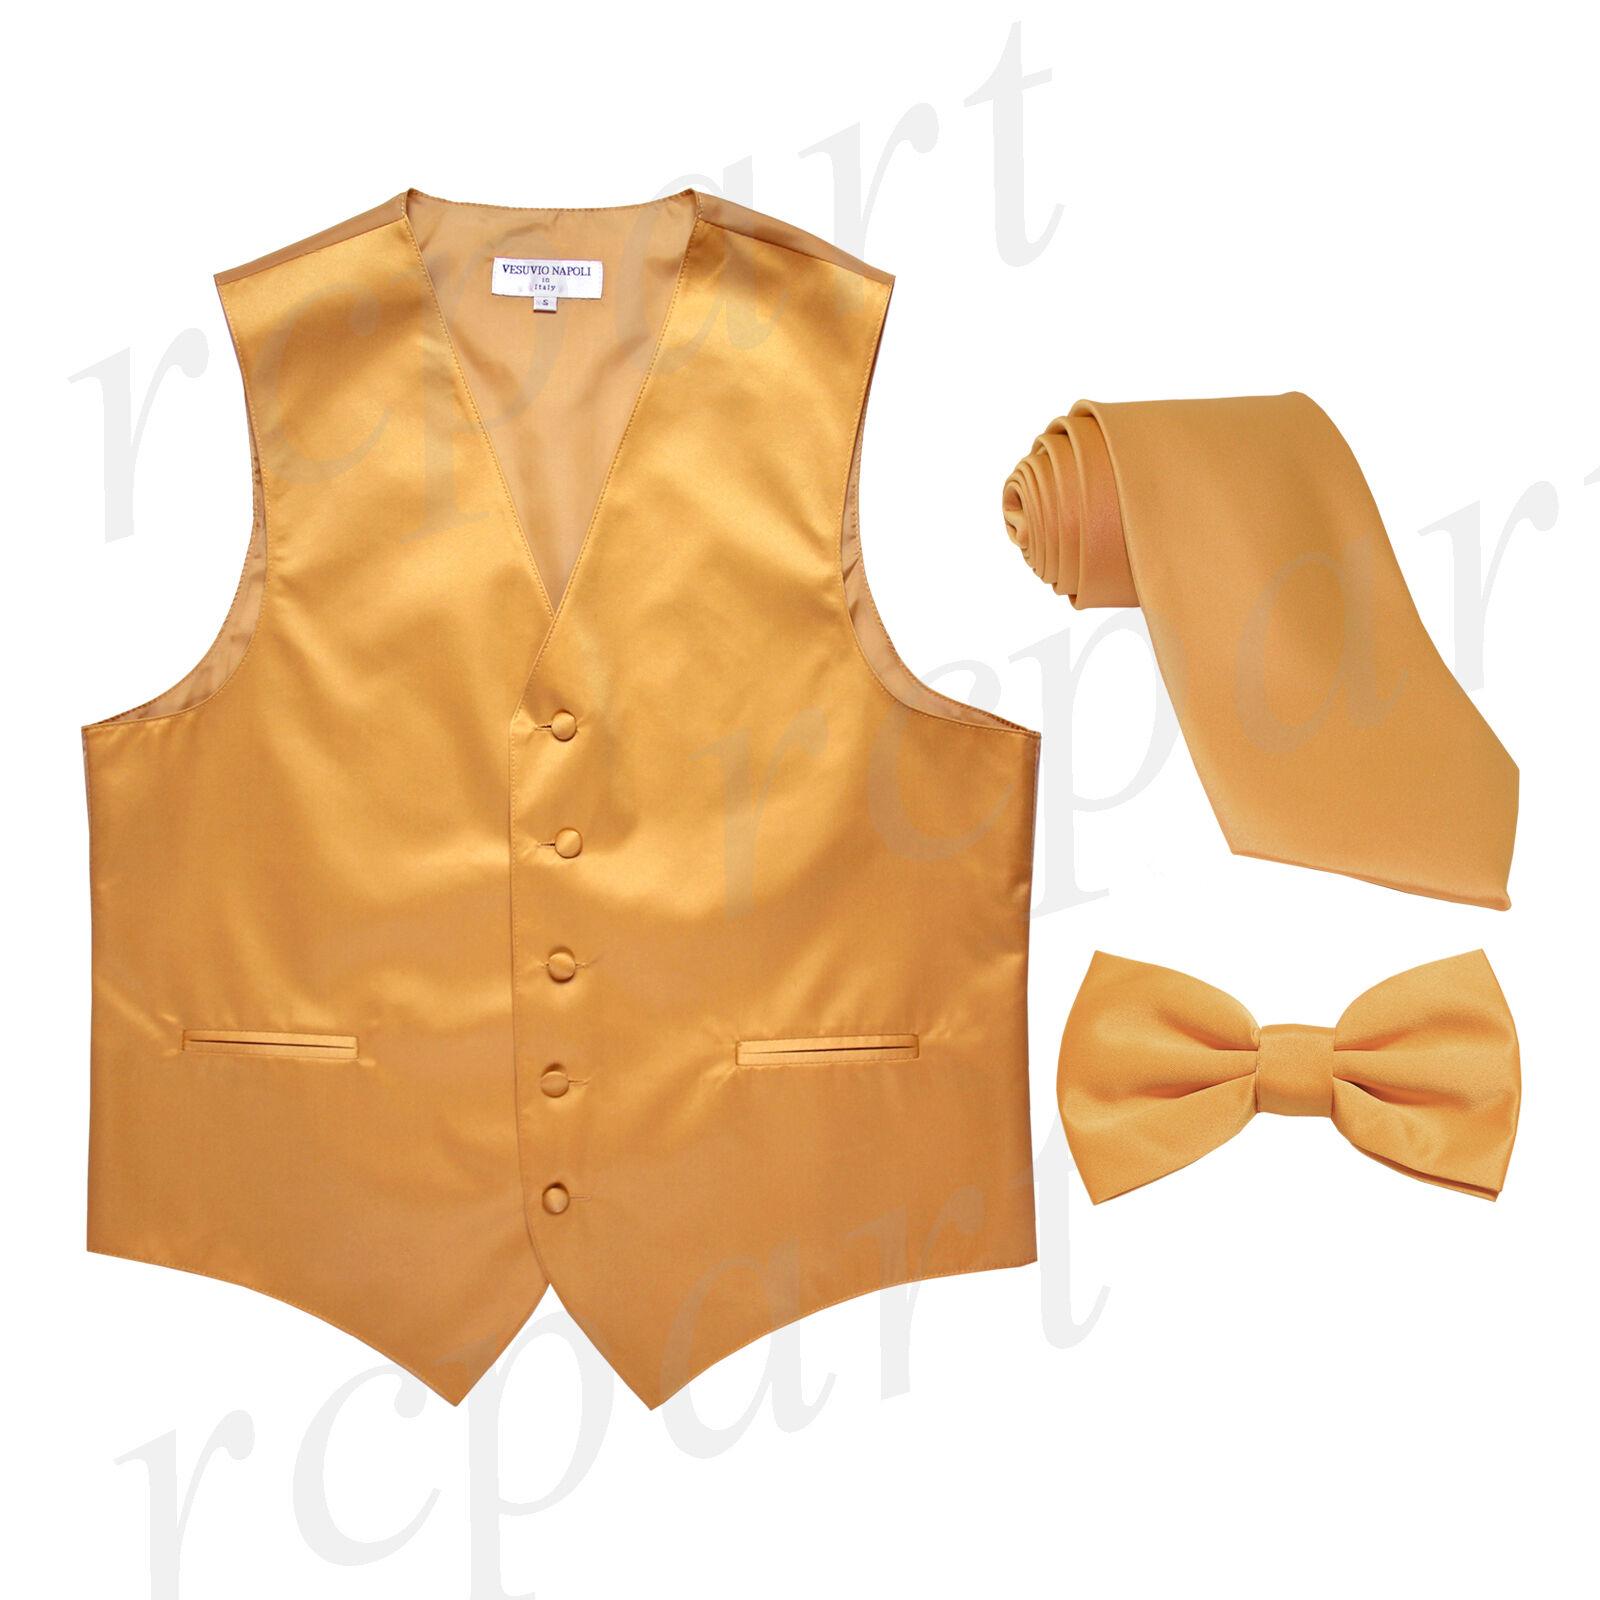 New Men's gold formal vest Tuxedo Waistcoat_necktie & bowtie set wedding